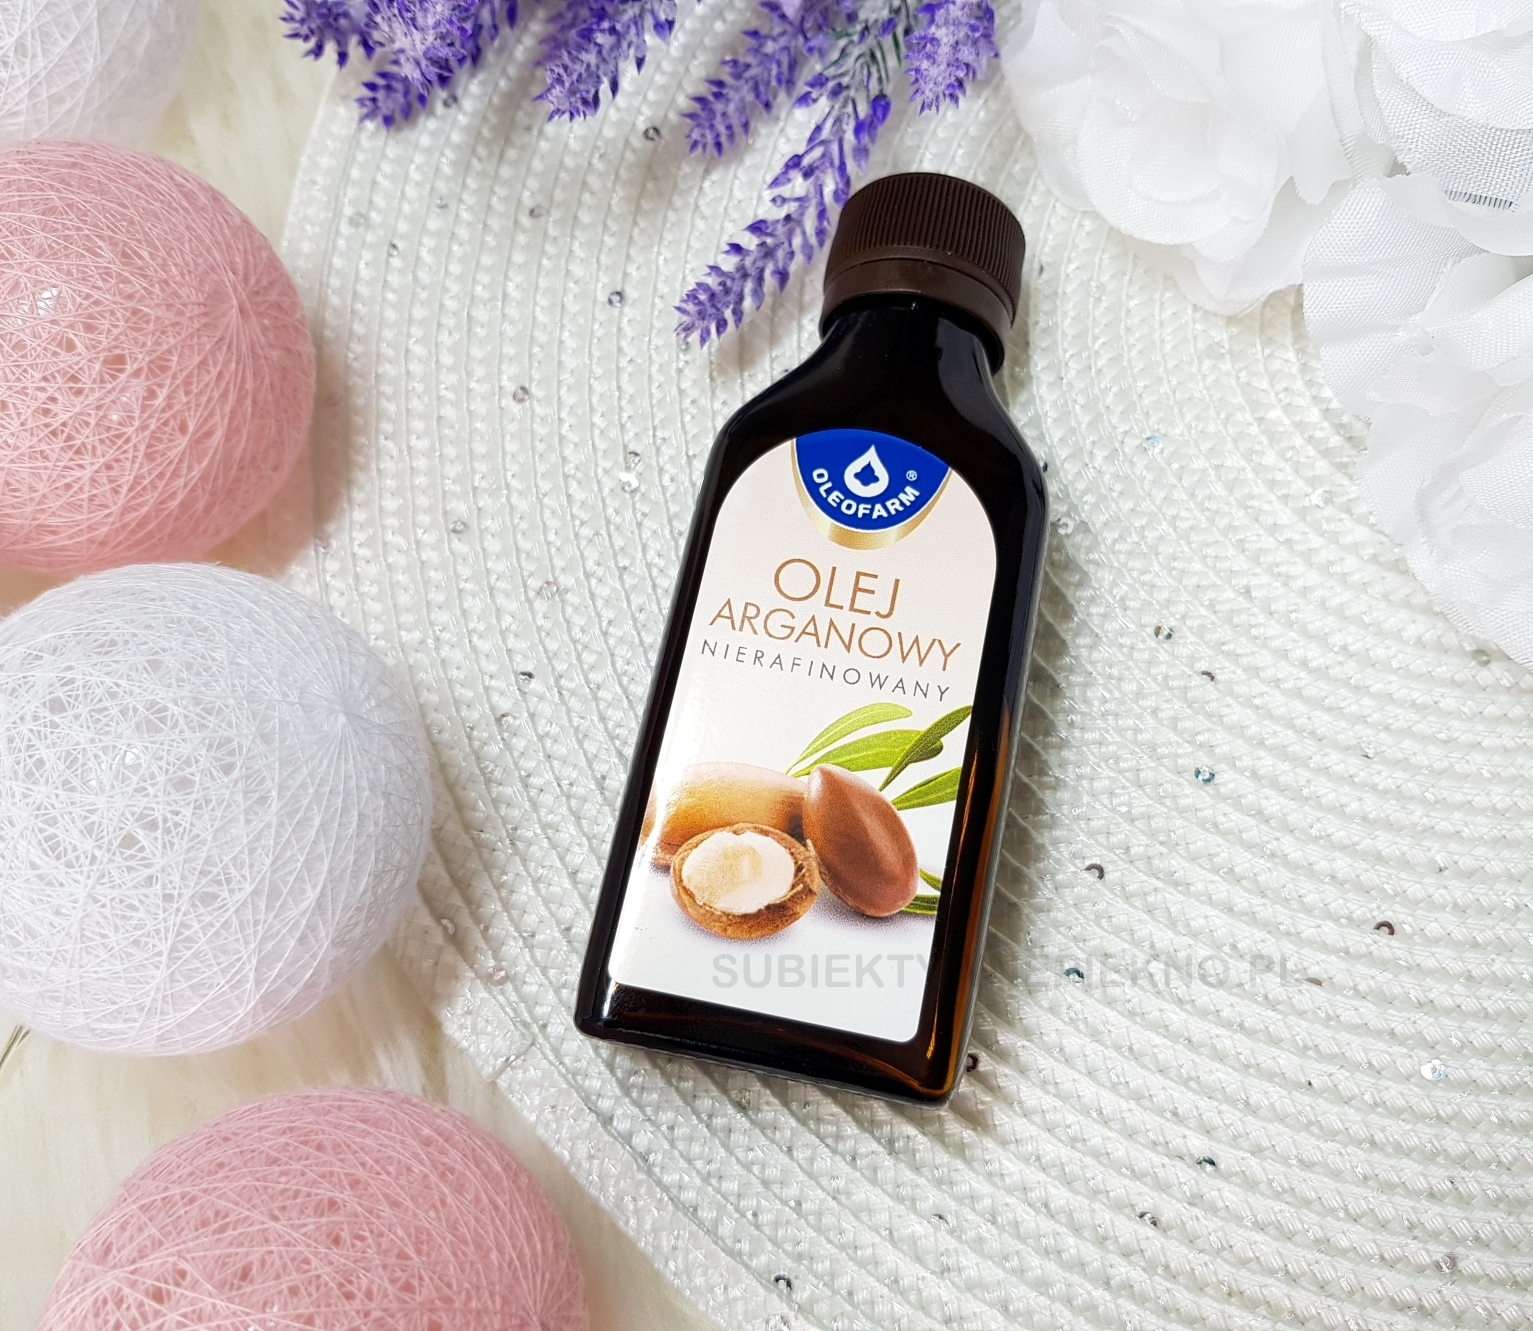 Nierafinowany olej arganowy Oleofarm działanie, opinie, blog